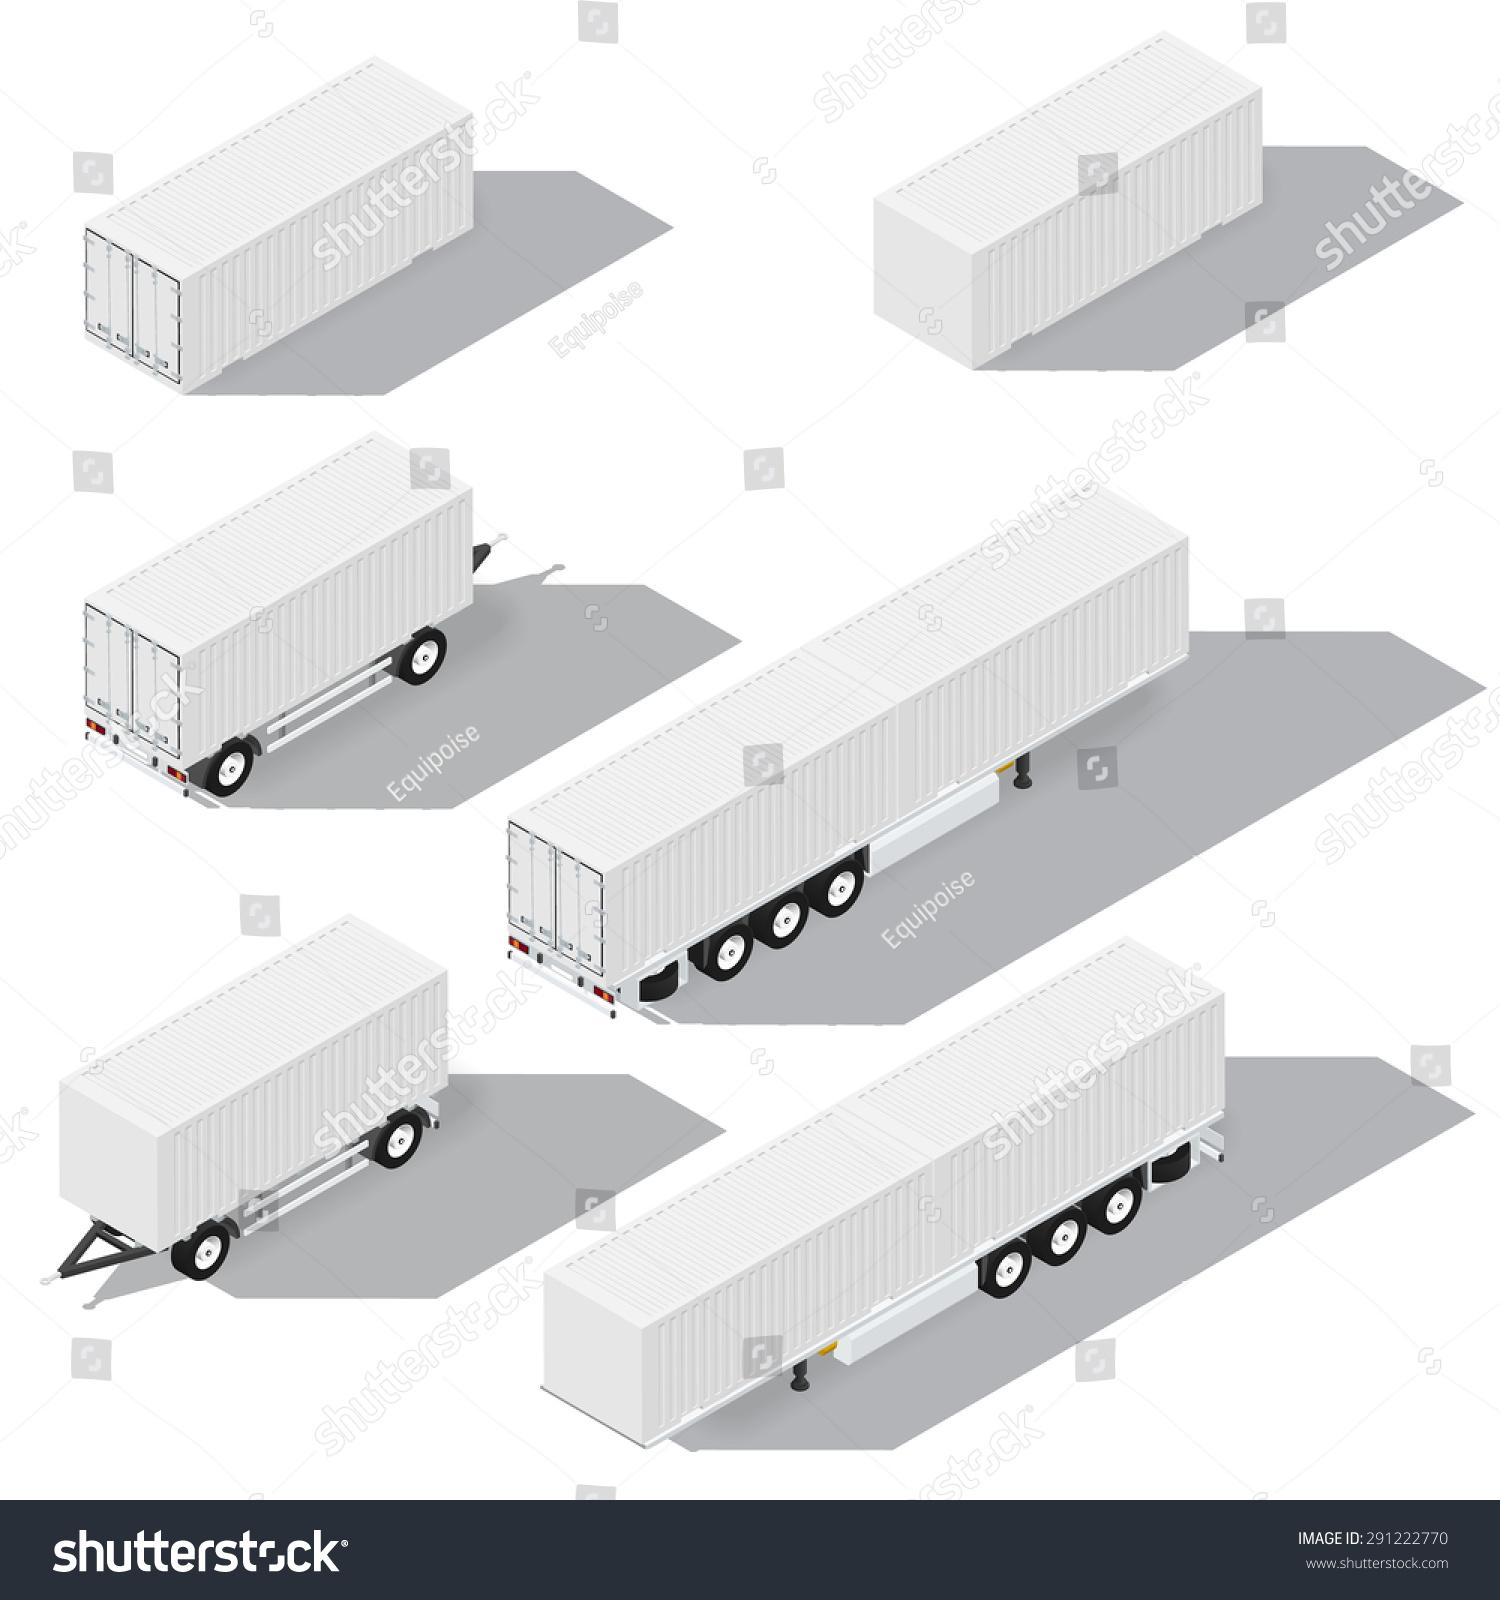 集装箱和拖车等距详细图标矢量图解说明-交通运输